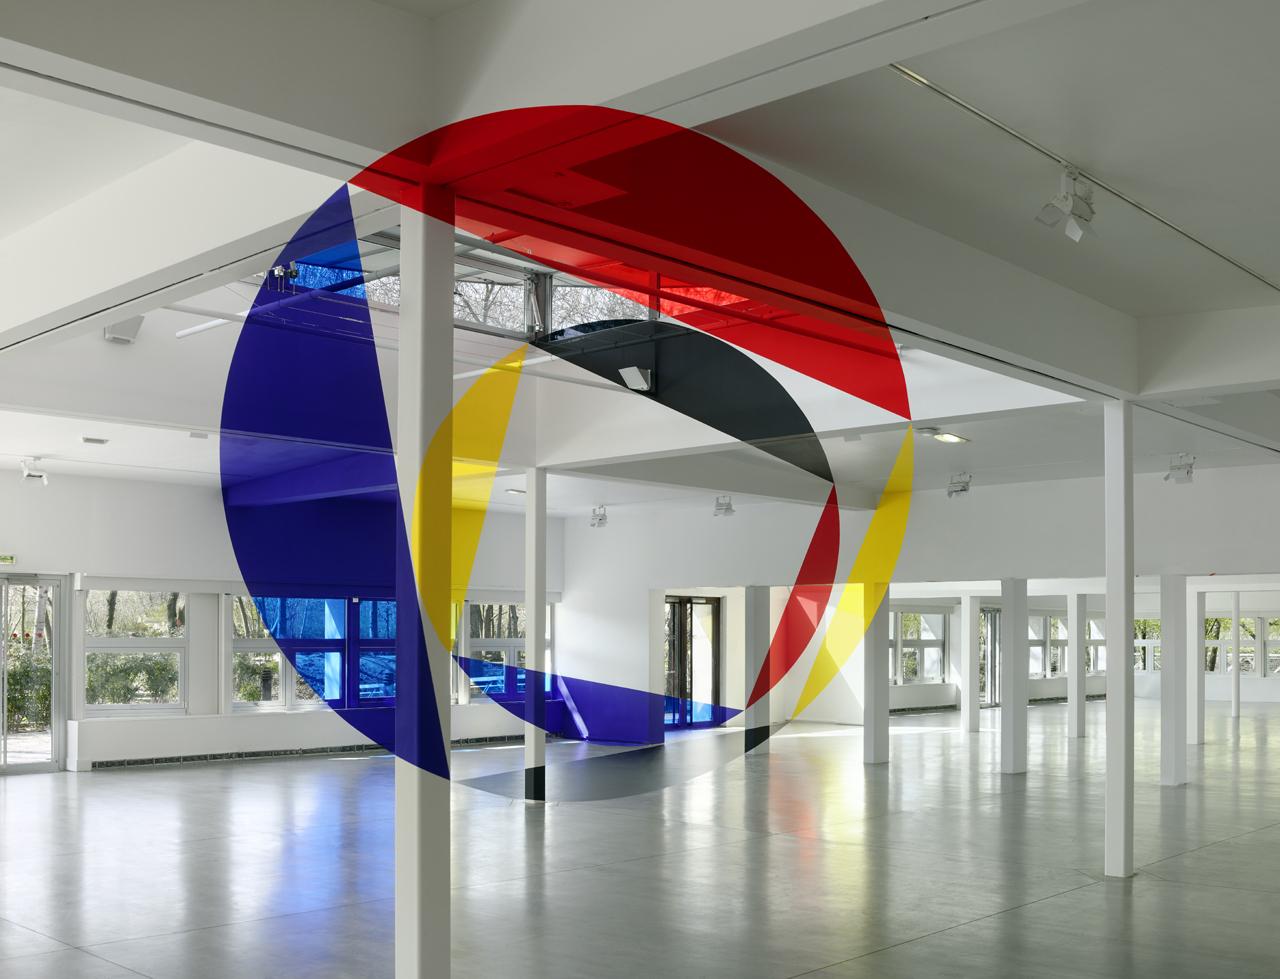 """""""Rouge jaune noir bleu entre les disques et les trapezes"""" (2015) front view, installed in 1,000 square meter building Pavillon Paul-Delouvrier"""